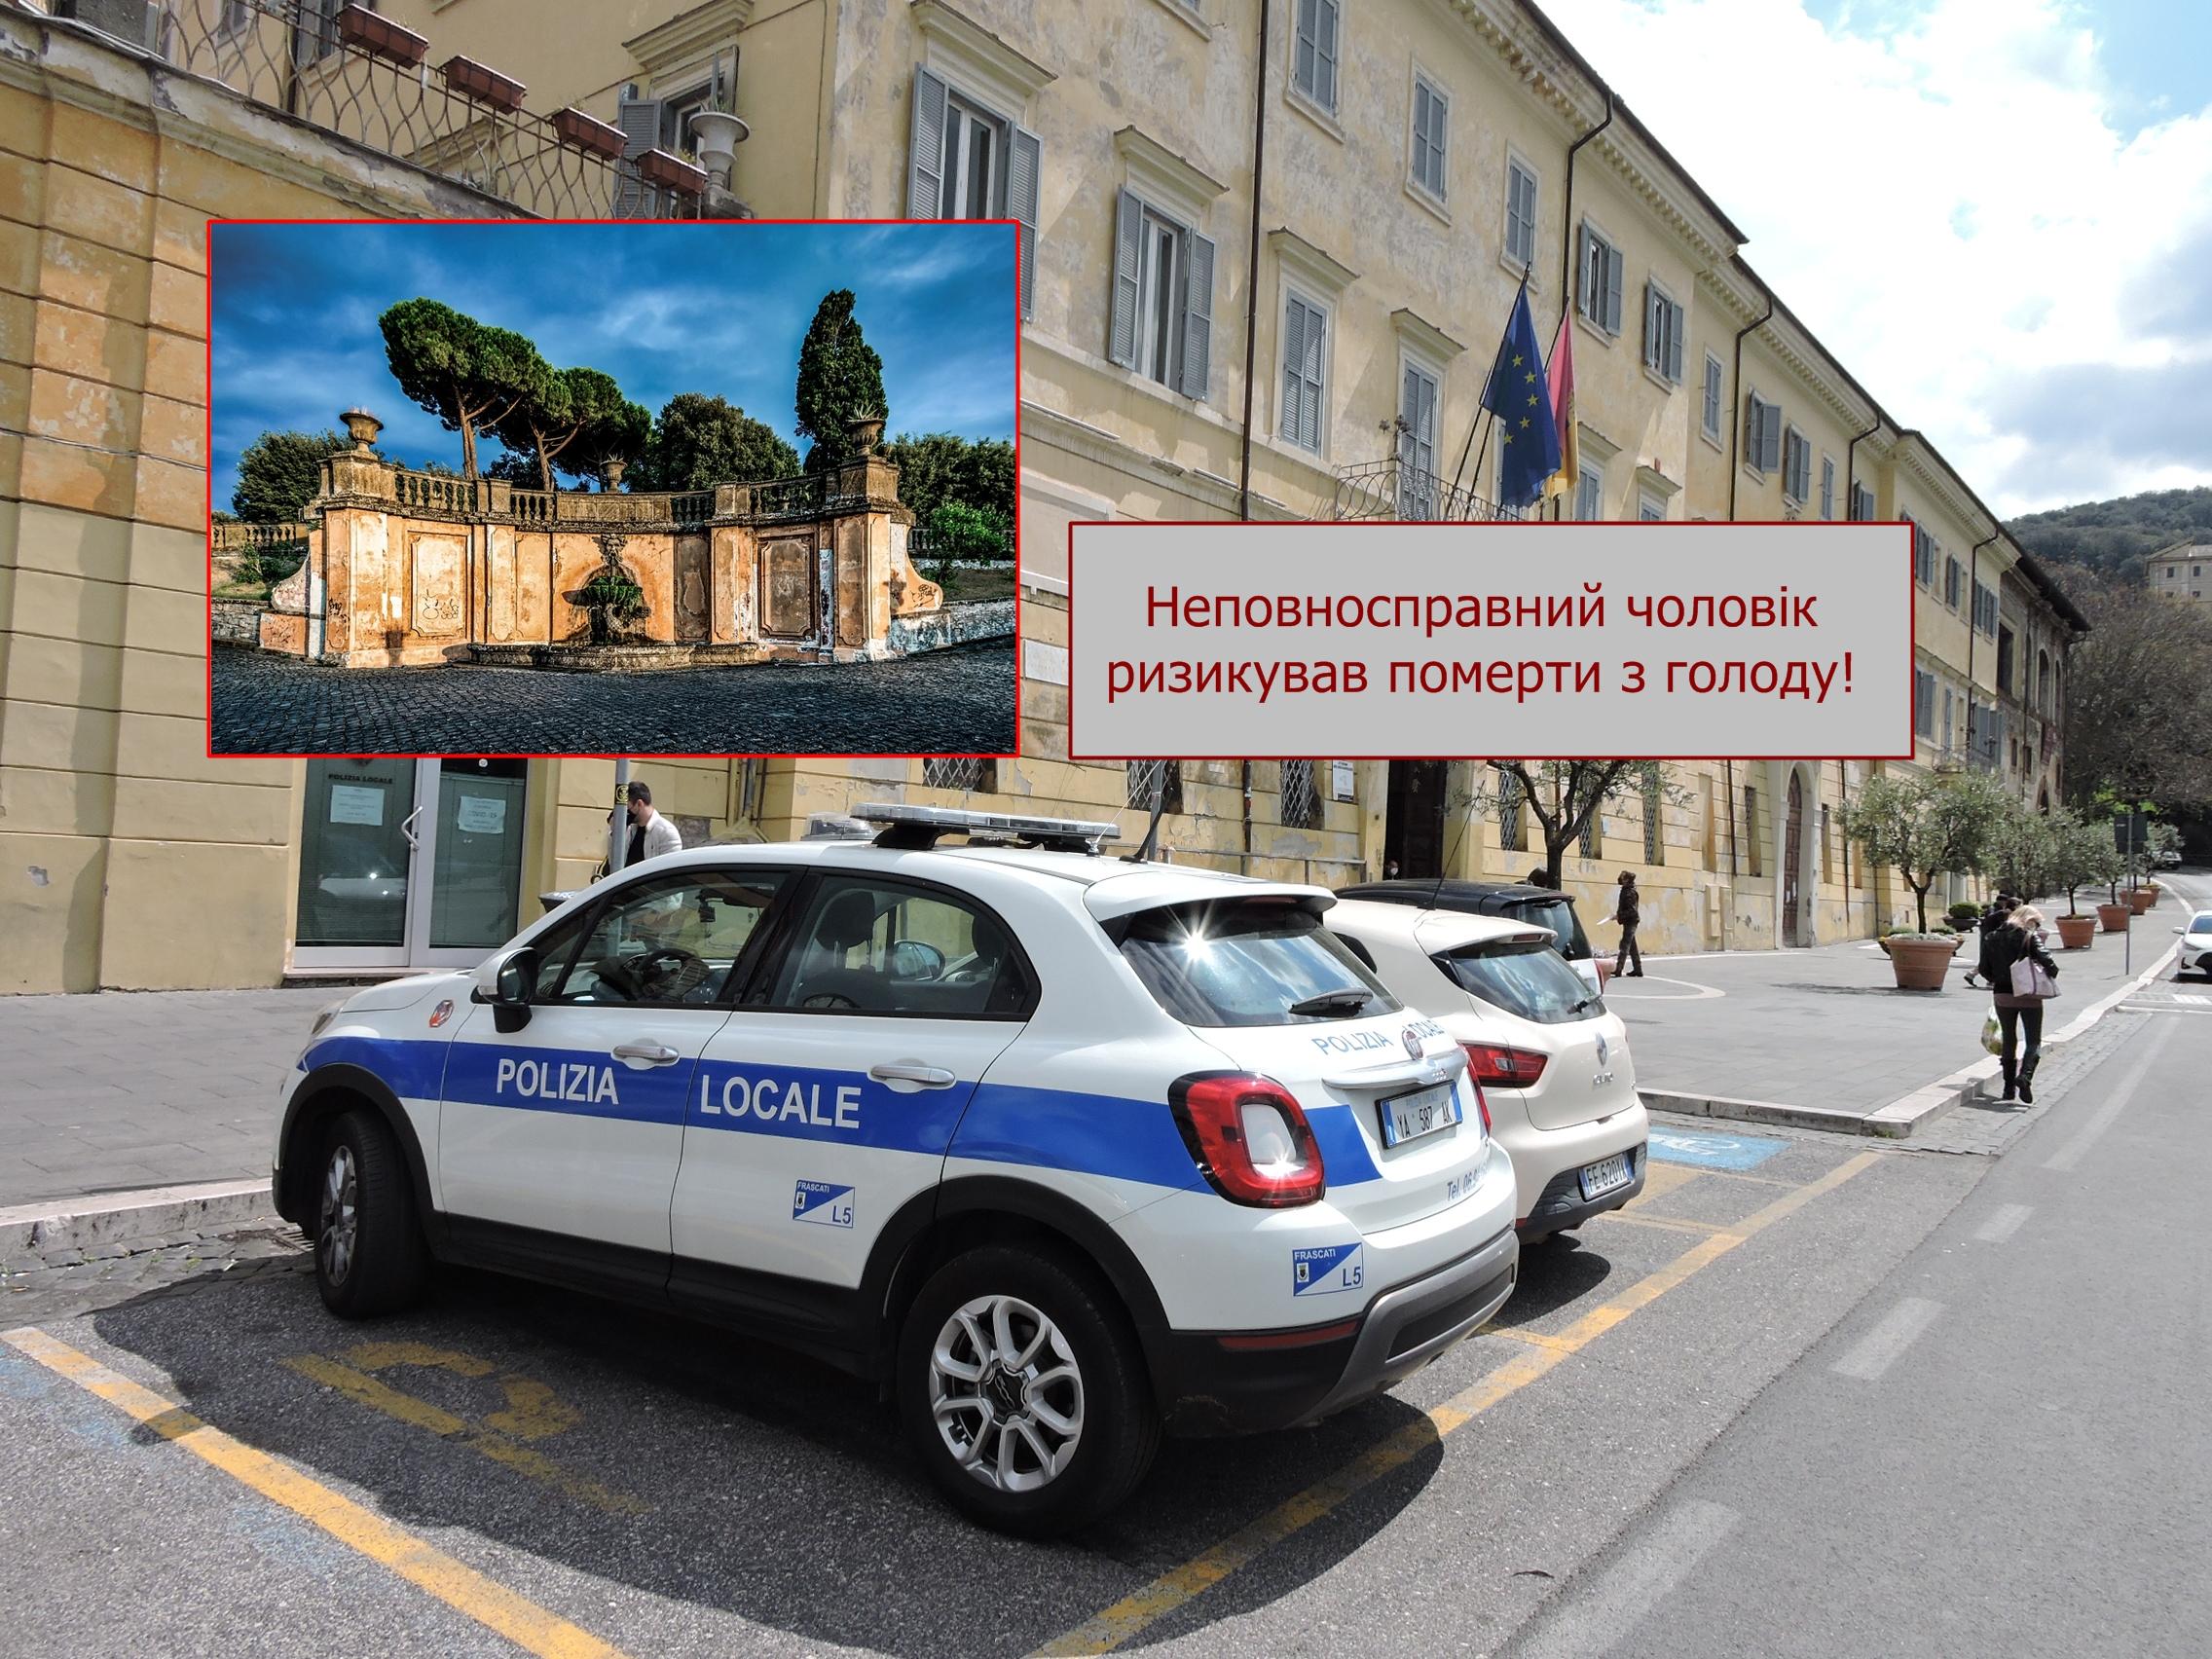 Поліція Італії врятувала українця в Фраскаті від голодної смерті